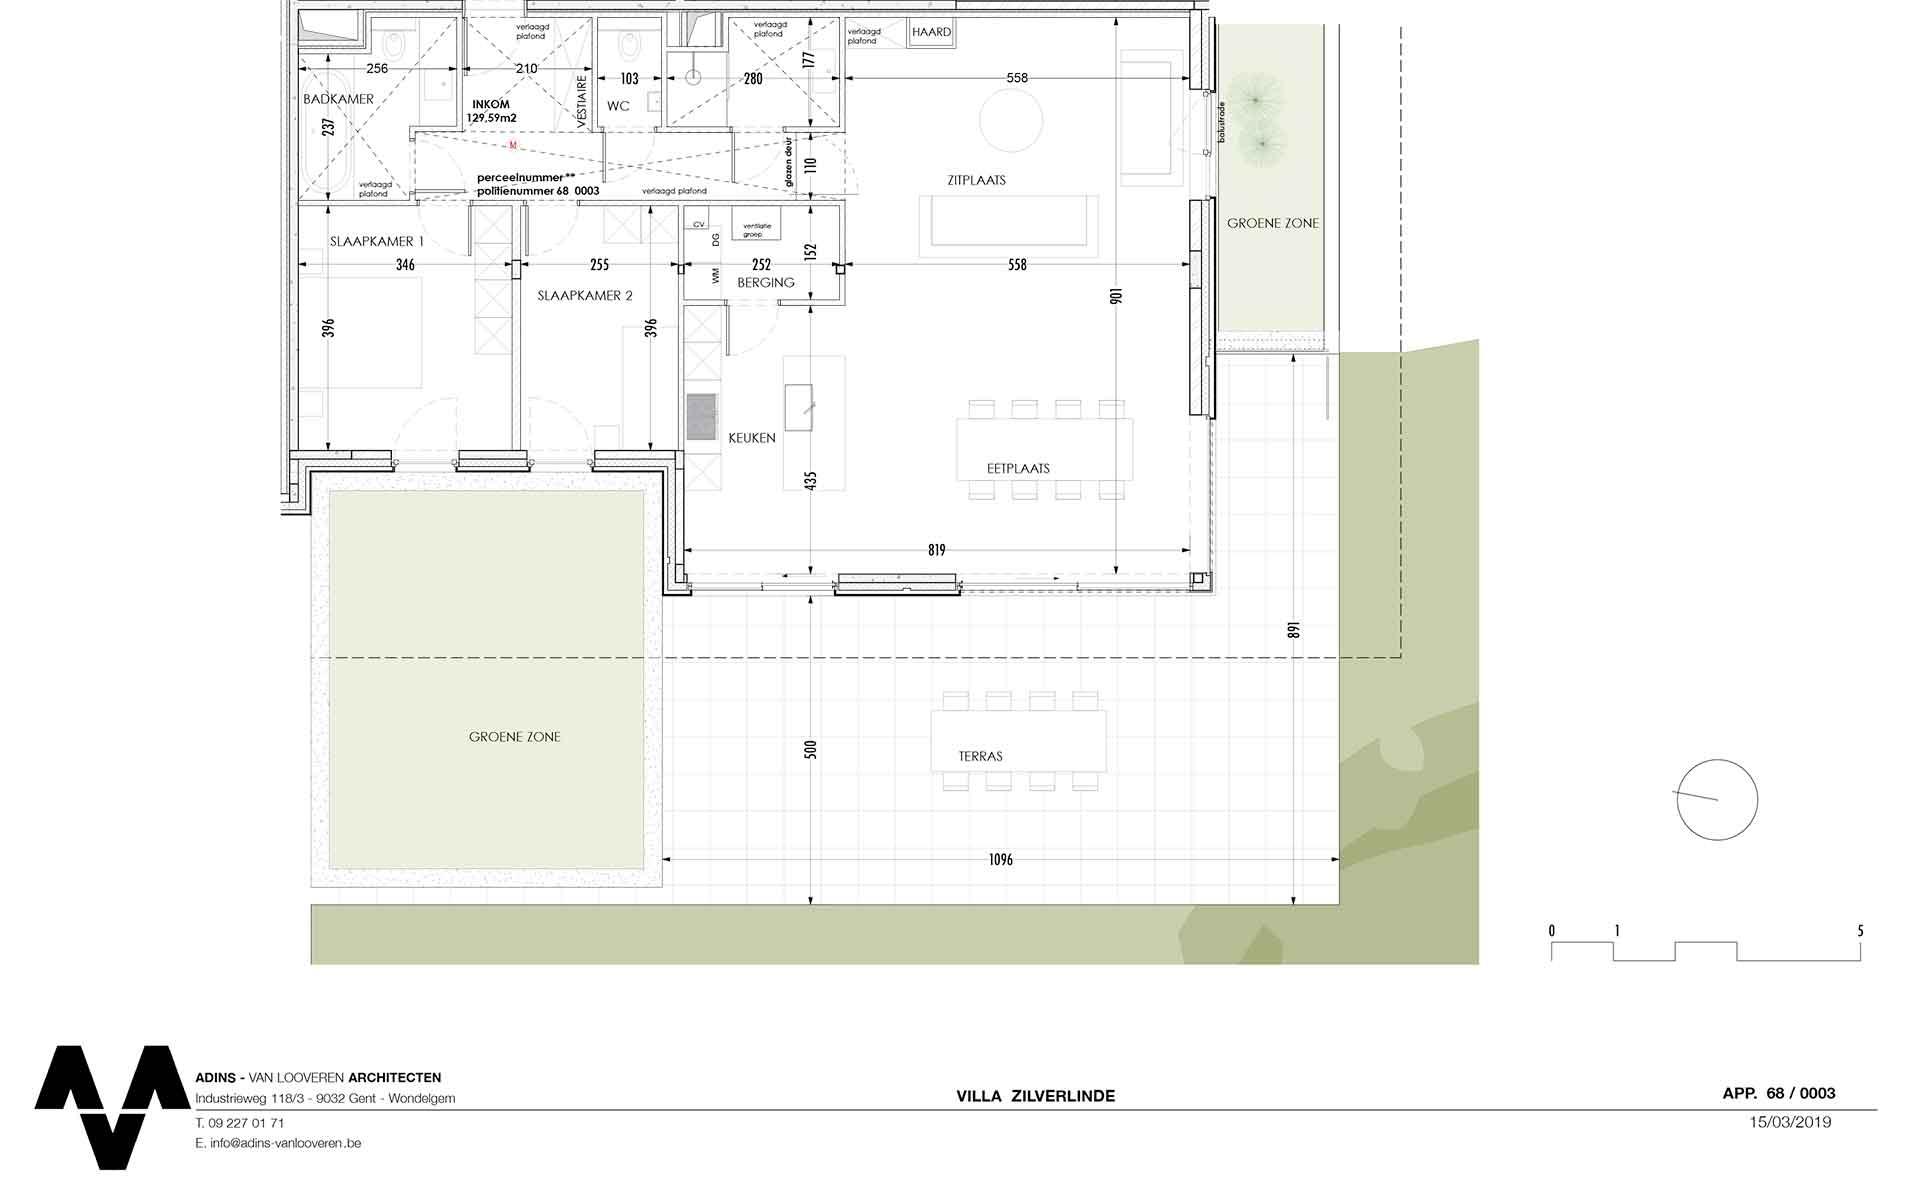 Villa <br/> Zilverlinde - image appartement-te-koop-kortrijk-villa-zilverlinde-03 on https://hoprom.be